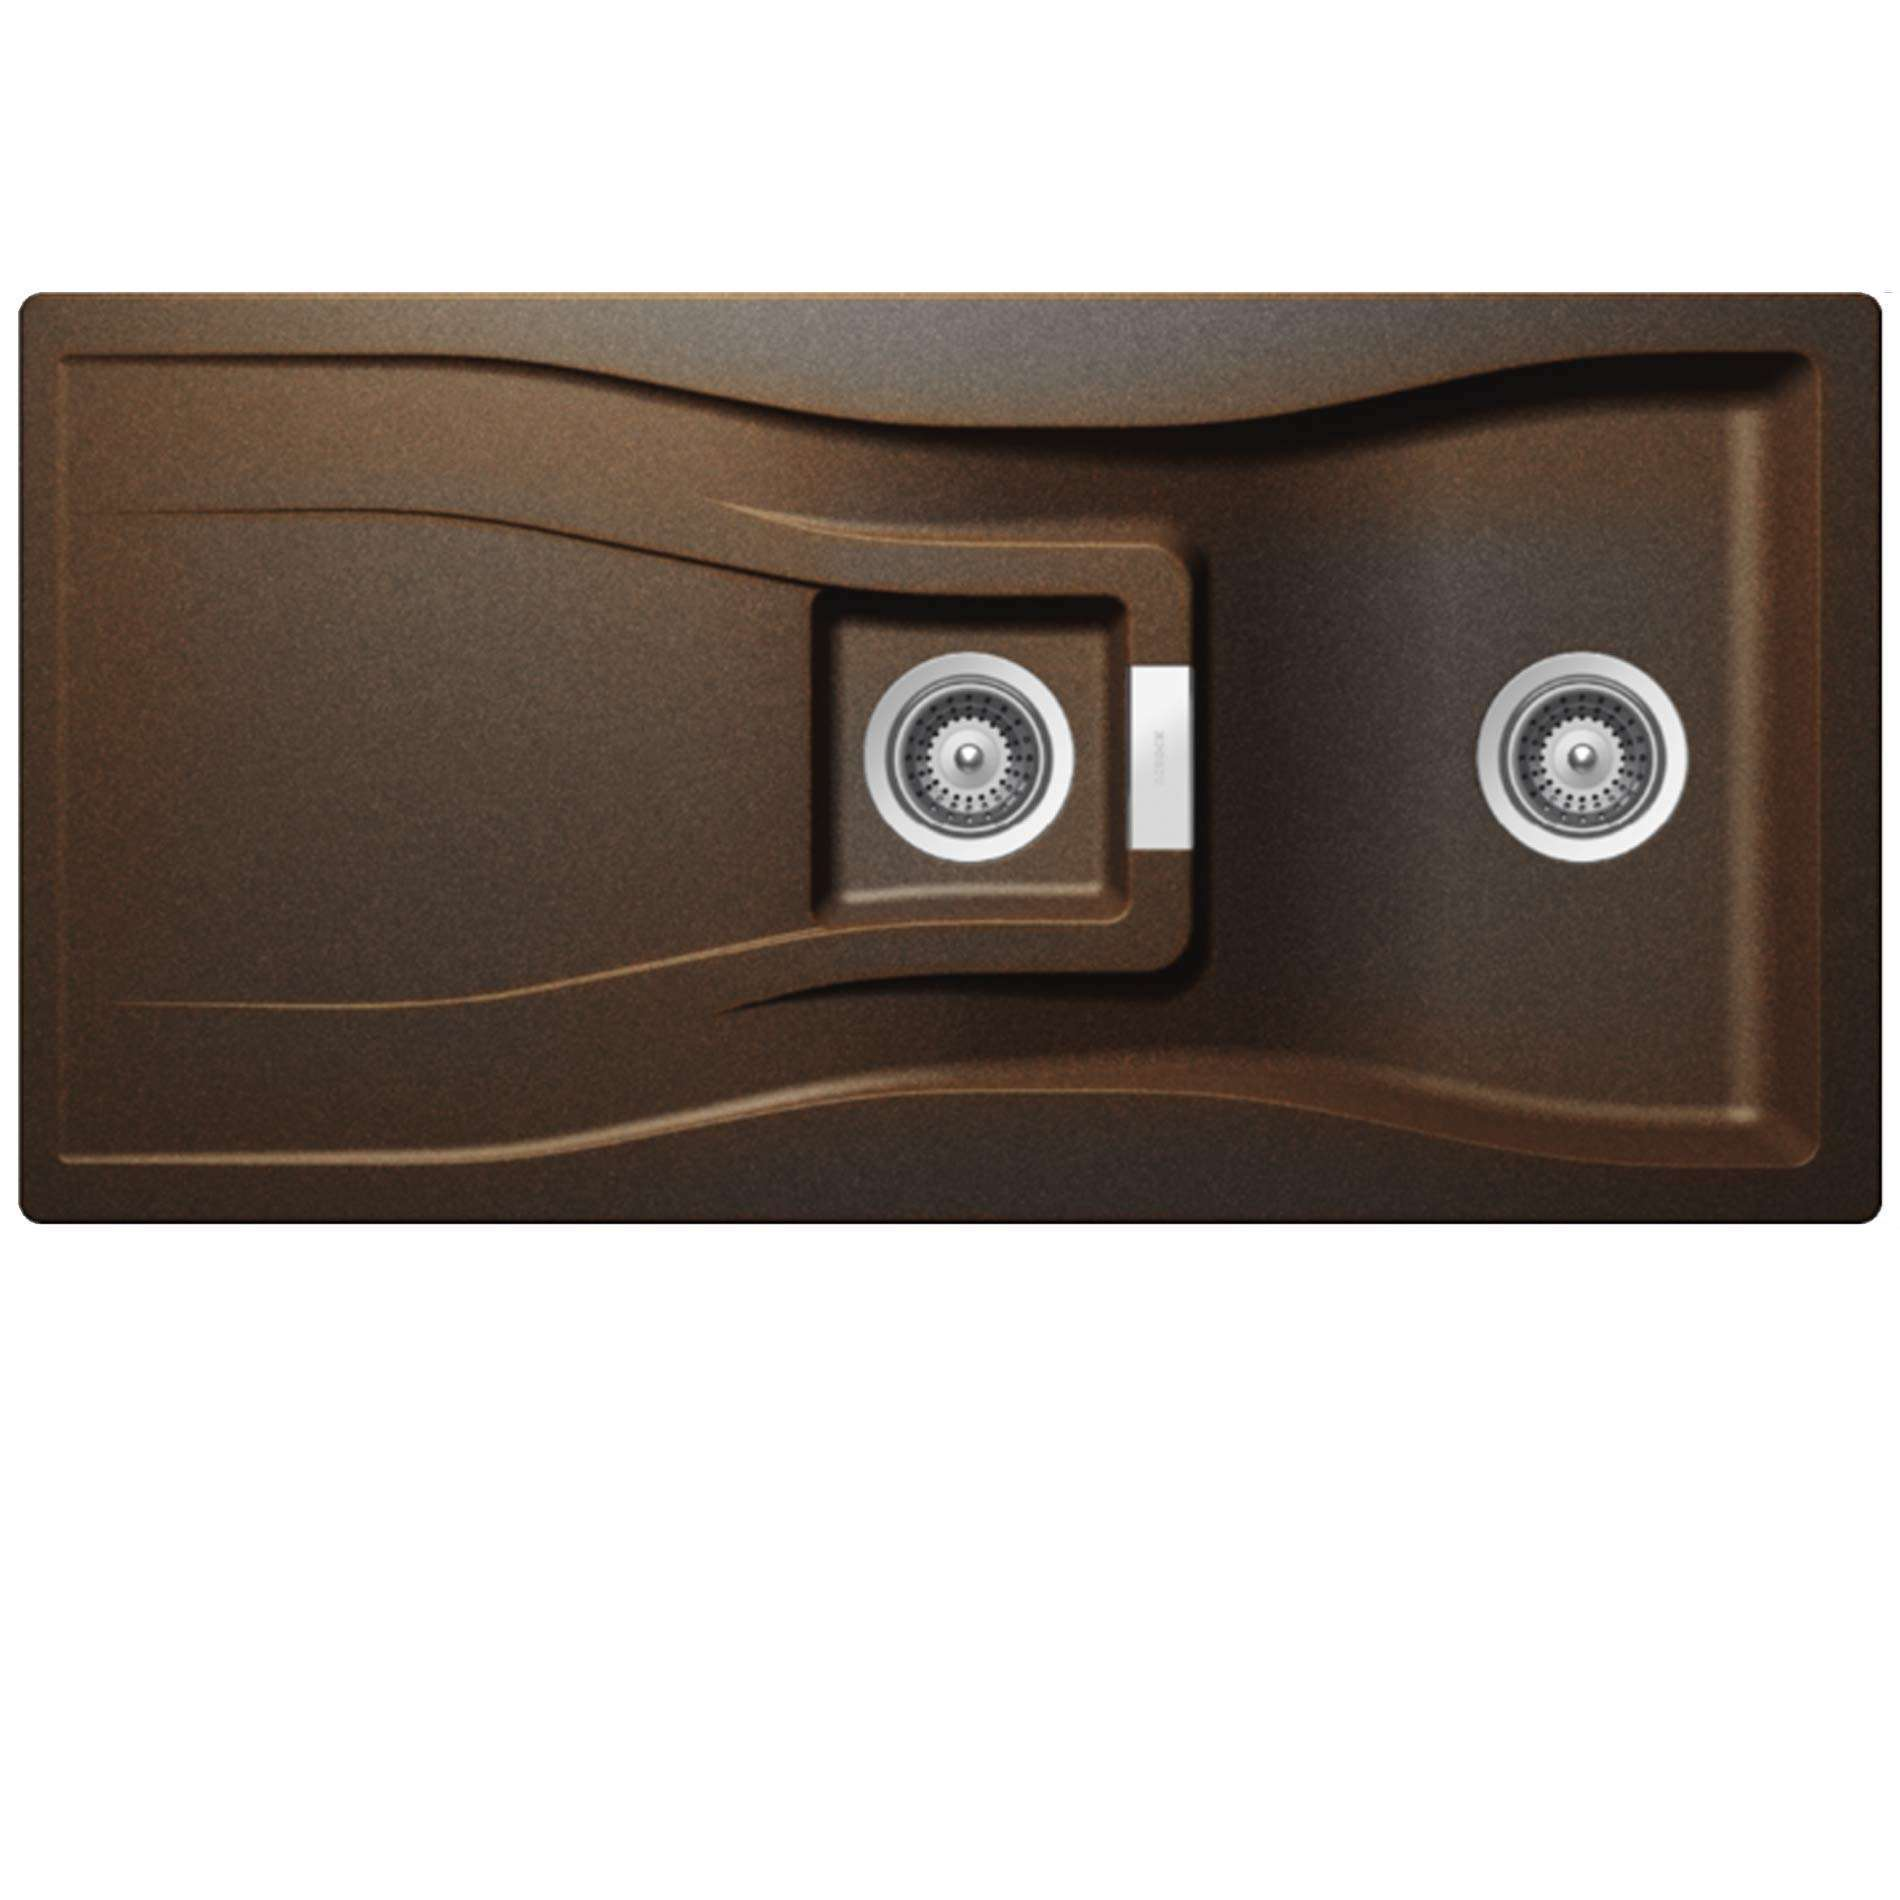 Granite Sink Brands : ... : Waterfall WAT D 150 Vintage Granite Sink - Kitchen Sinks & Taps